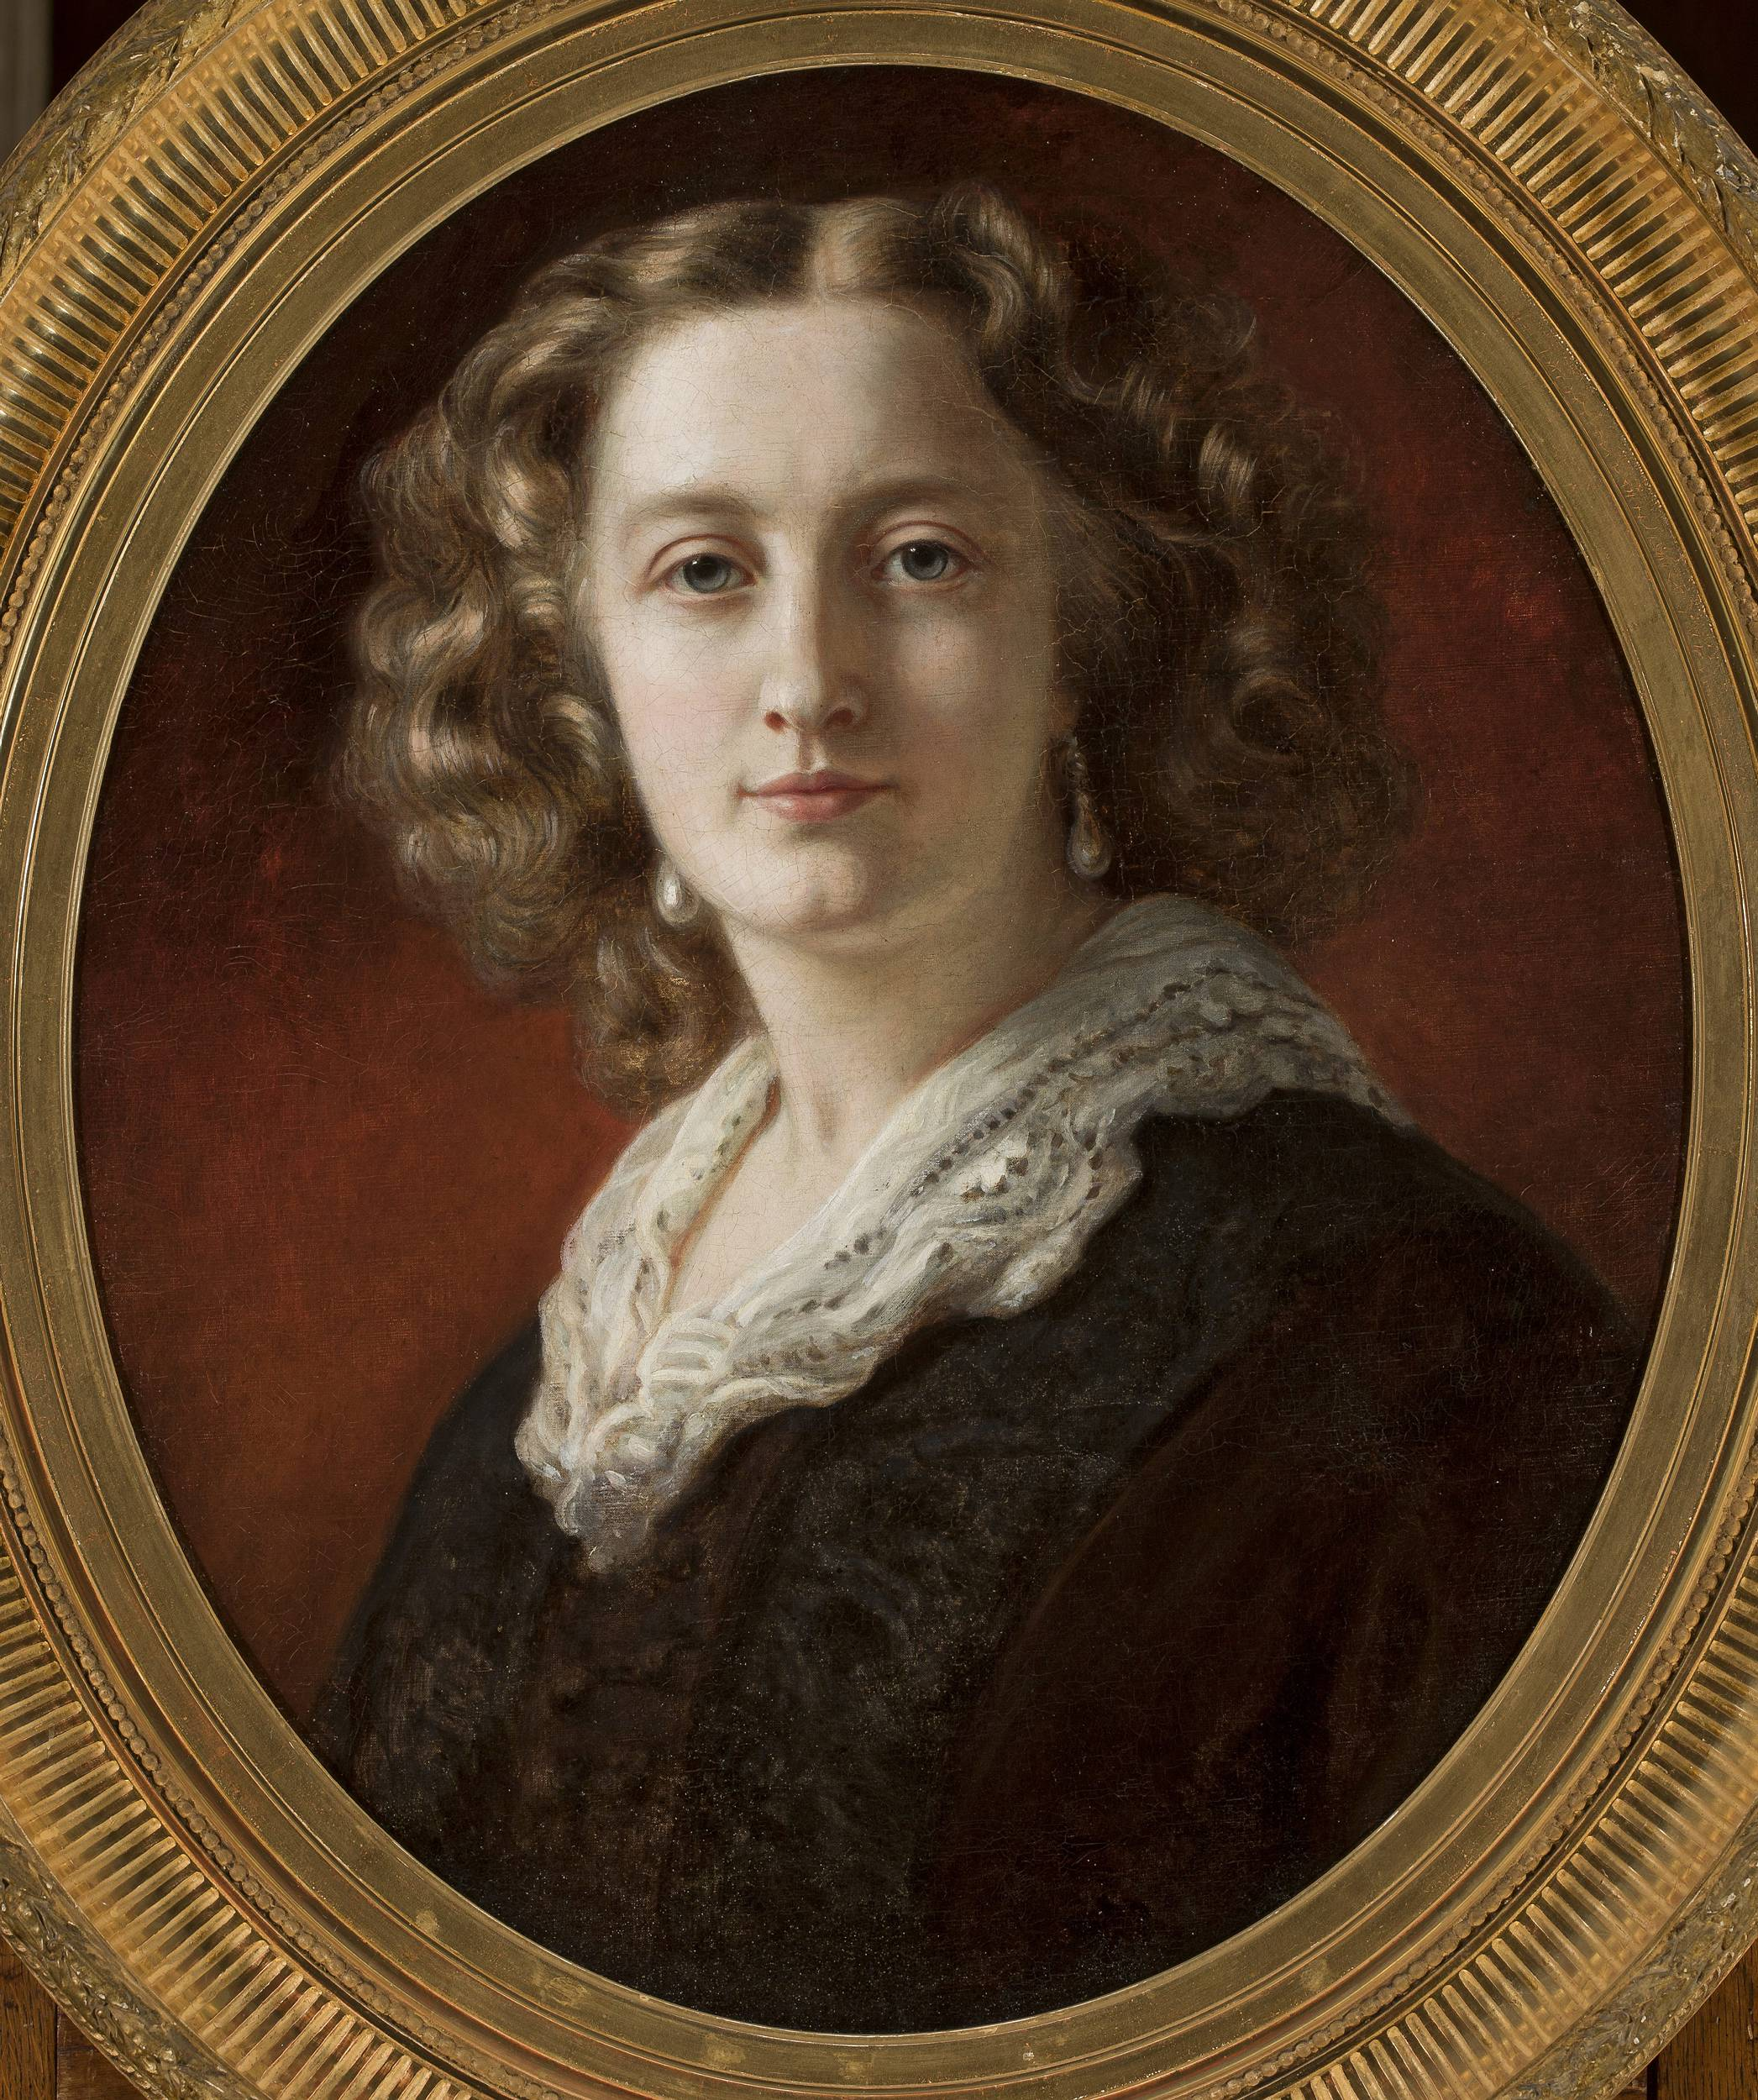 128902; Winterhalter, Franz Xaver (1805-1875) (malarz); Portret Zofii z Branickich Odescalchi; olej; płótno; 61 x 50